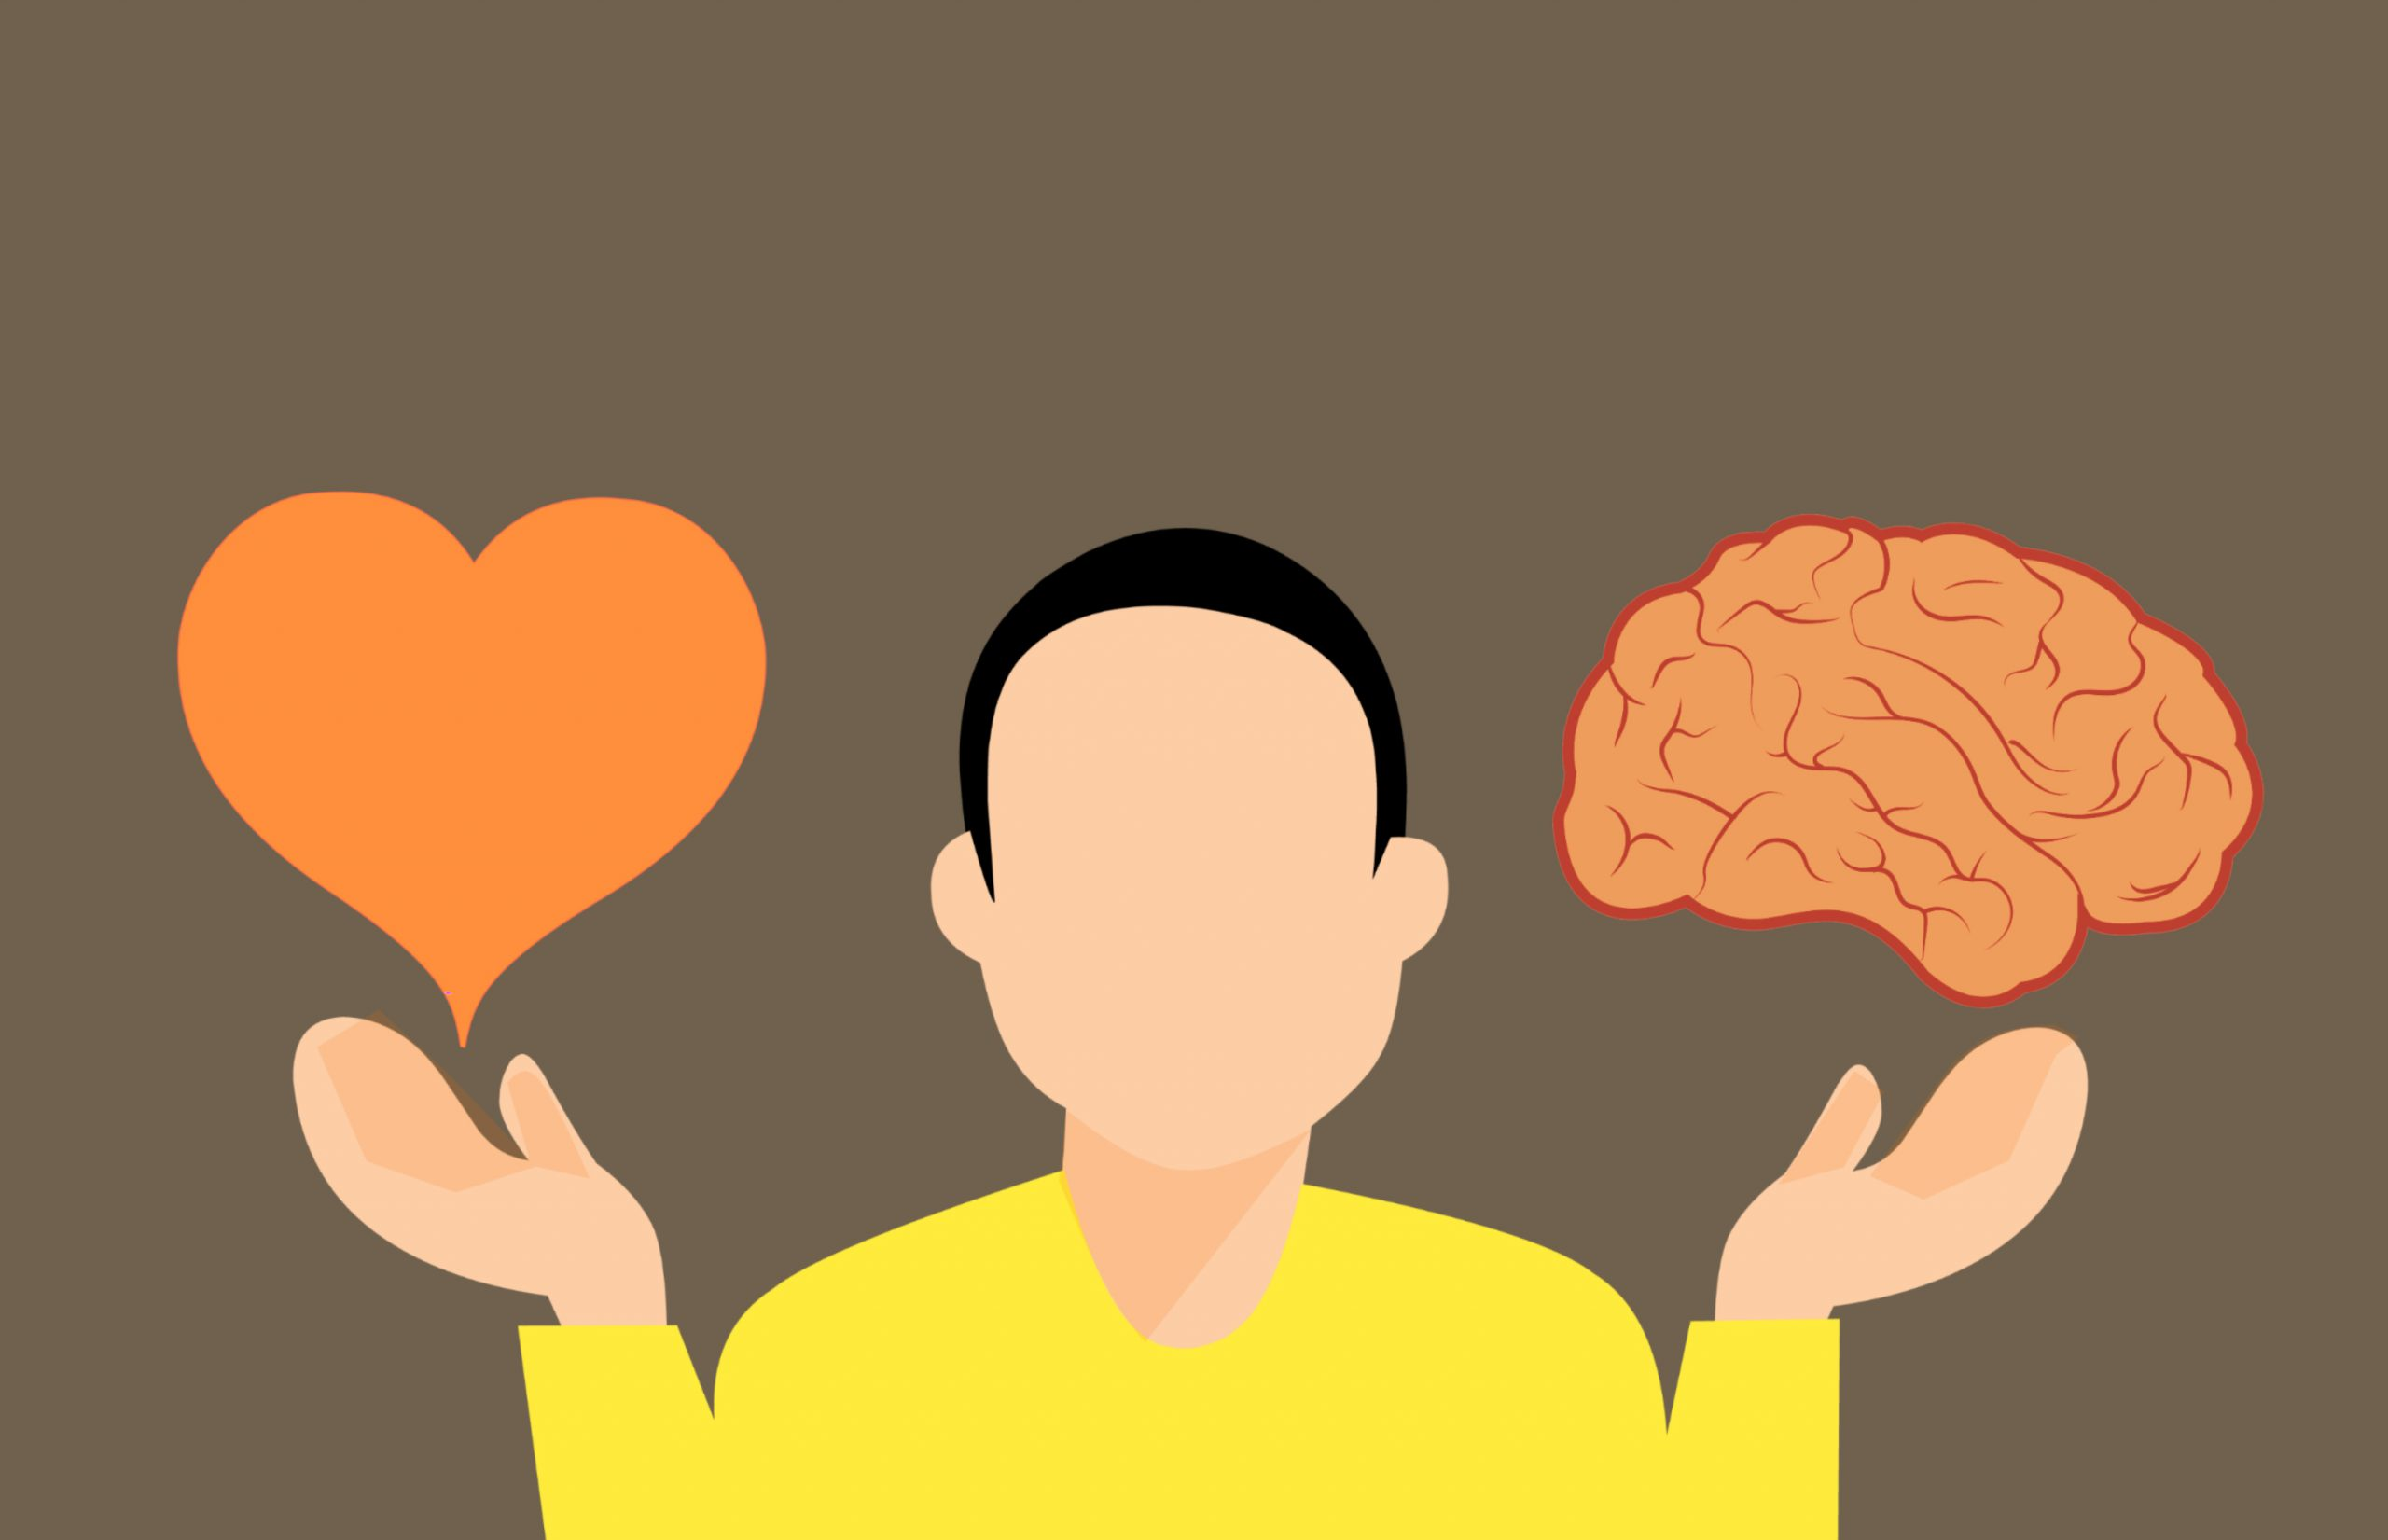 Nuestro organismo reacciona al amor con diferentes respuestas fisiológicas.